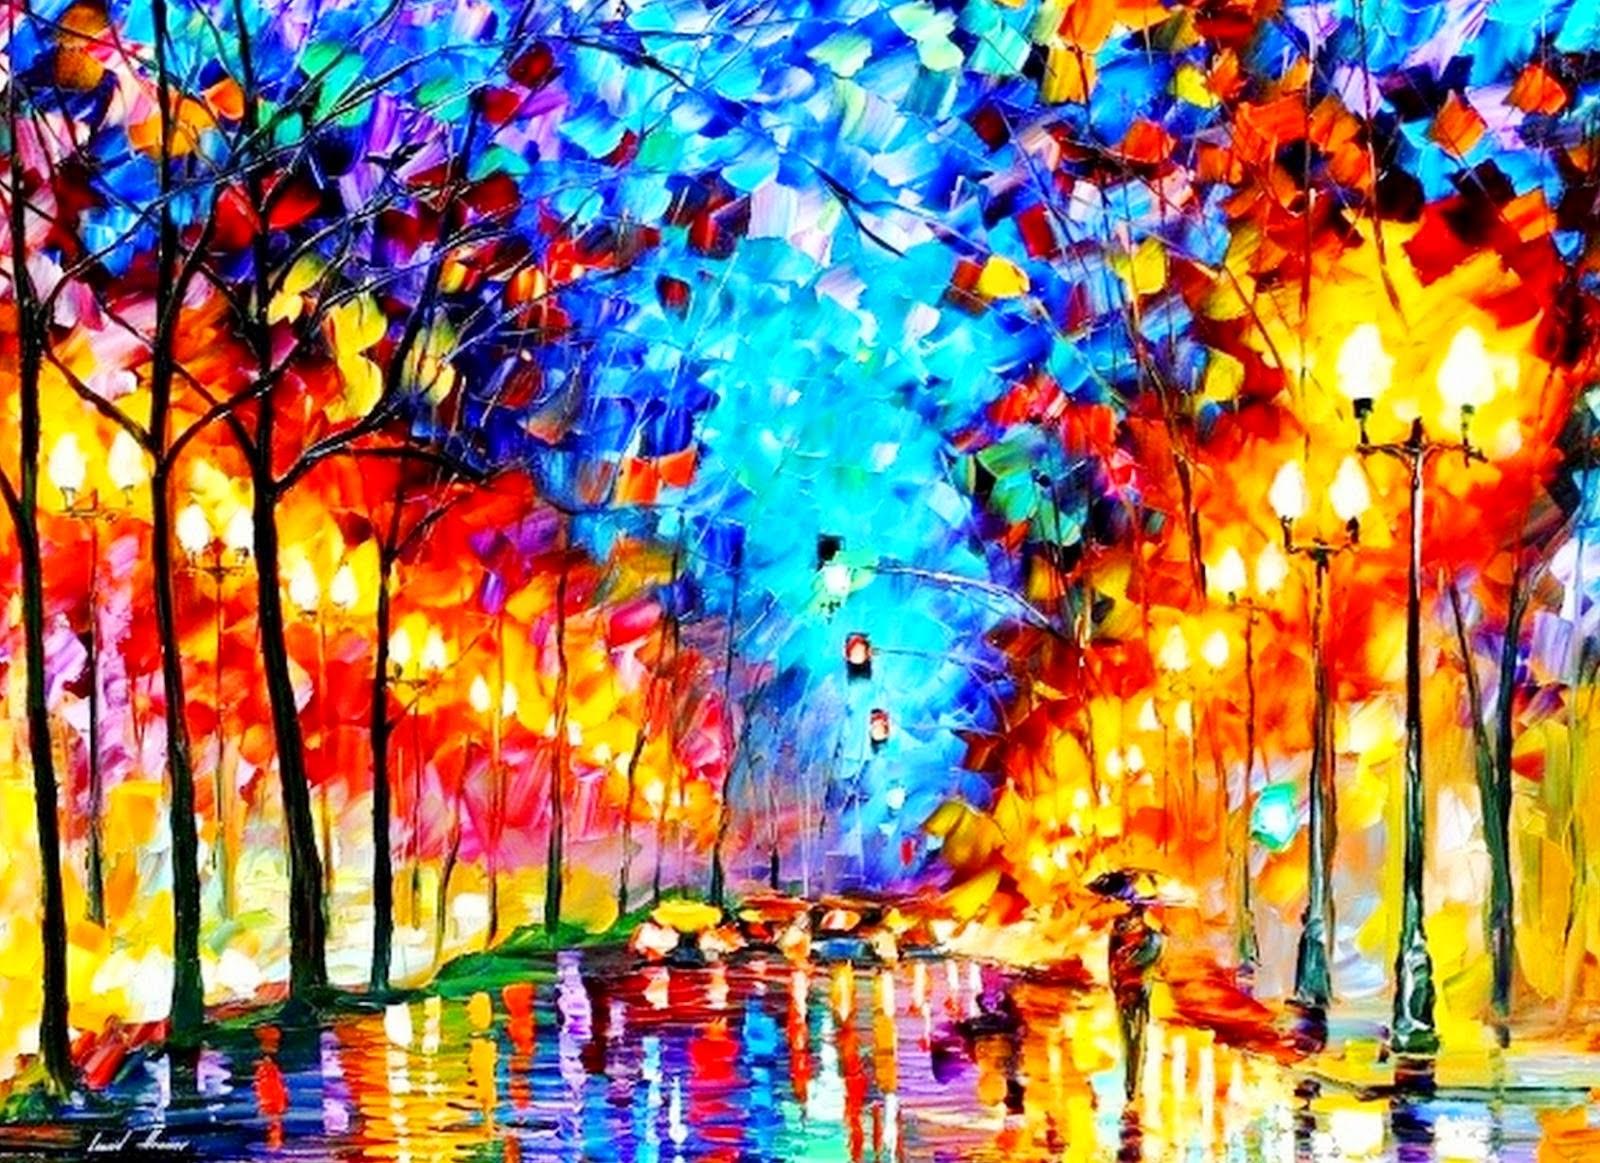 Violetas arte y color pintura leonid afremov - Los cuadros mas bonitos ...